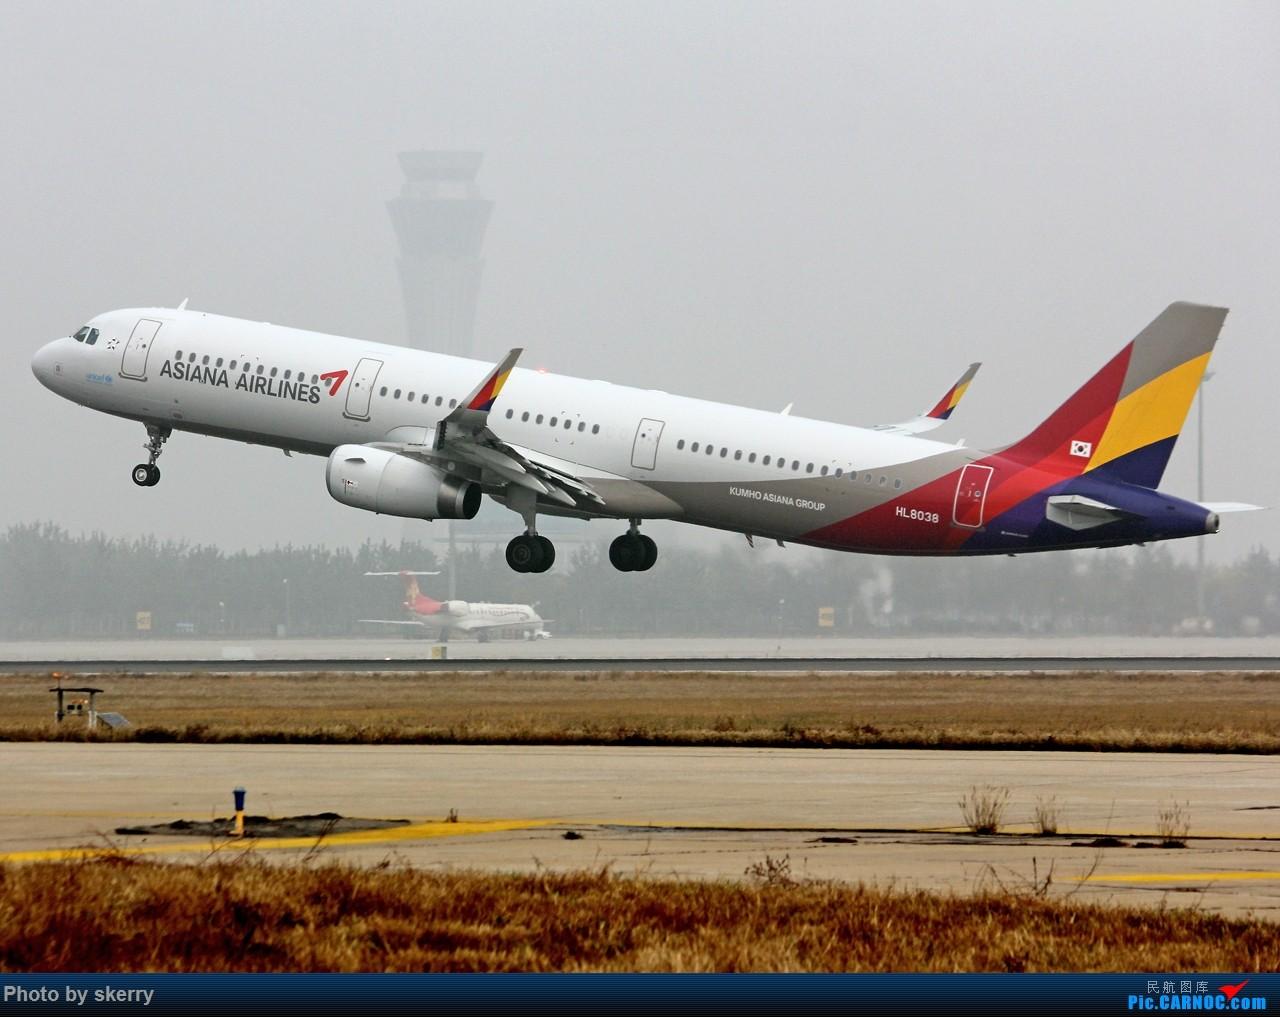 [原创]***【TSN飞友会】韩亚航空的鲨鳍A321!*** AIRBUS A321-200 HL8038 中国天津滨海国际机场